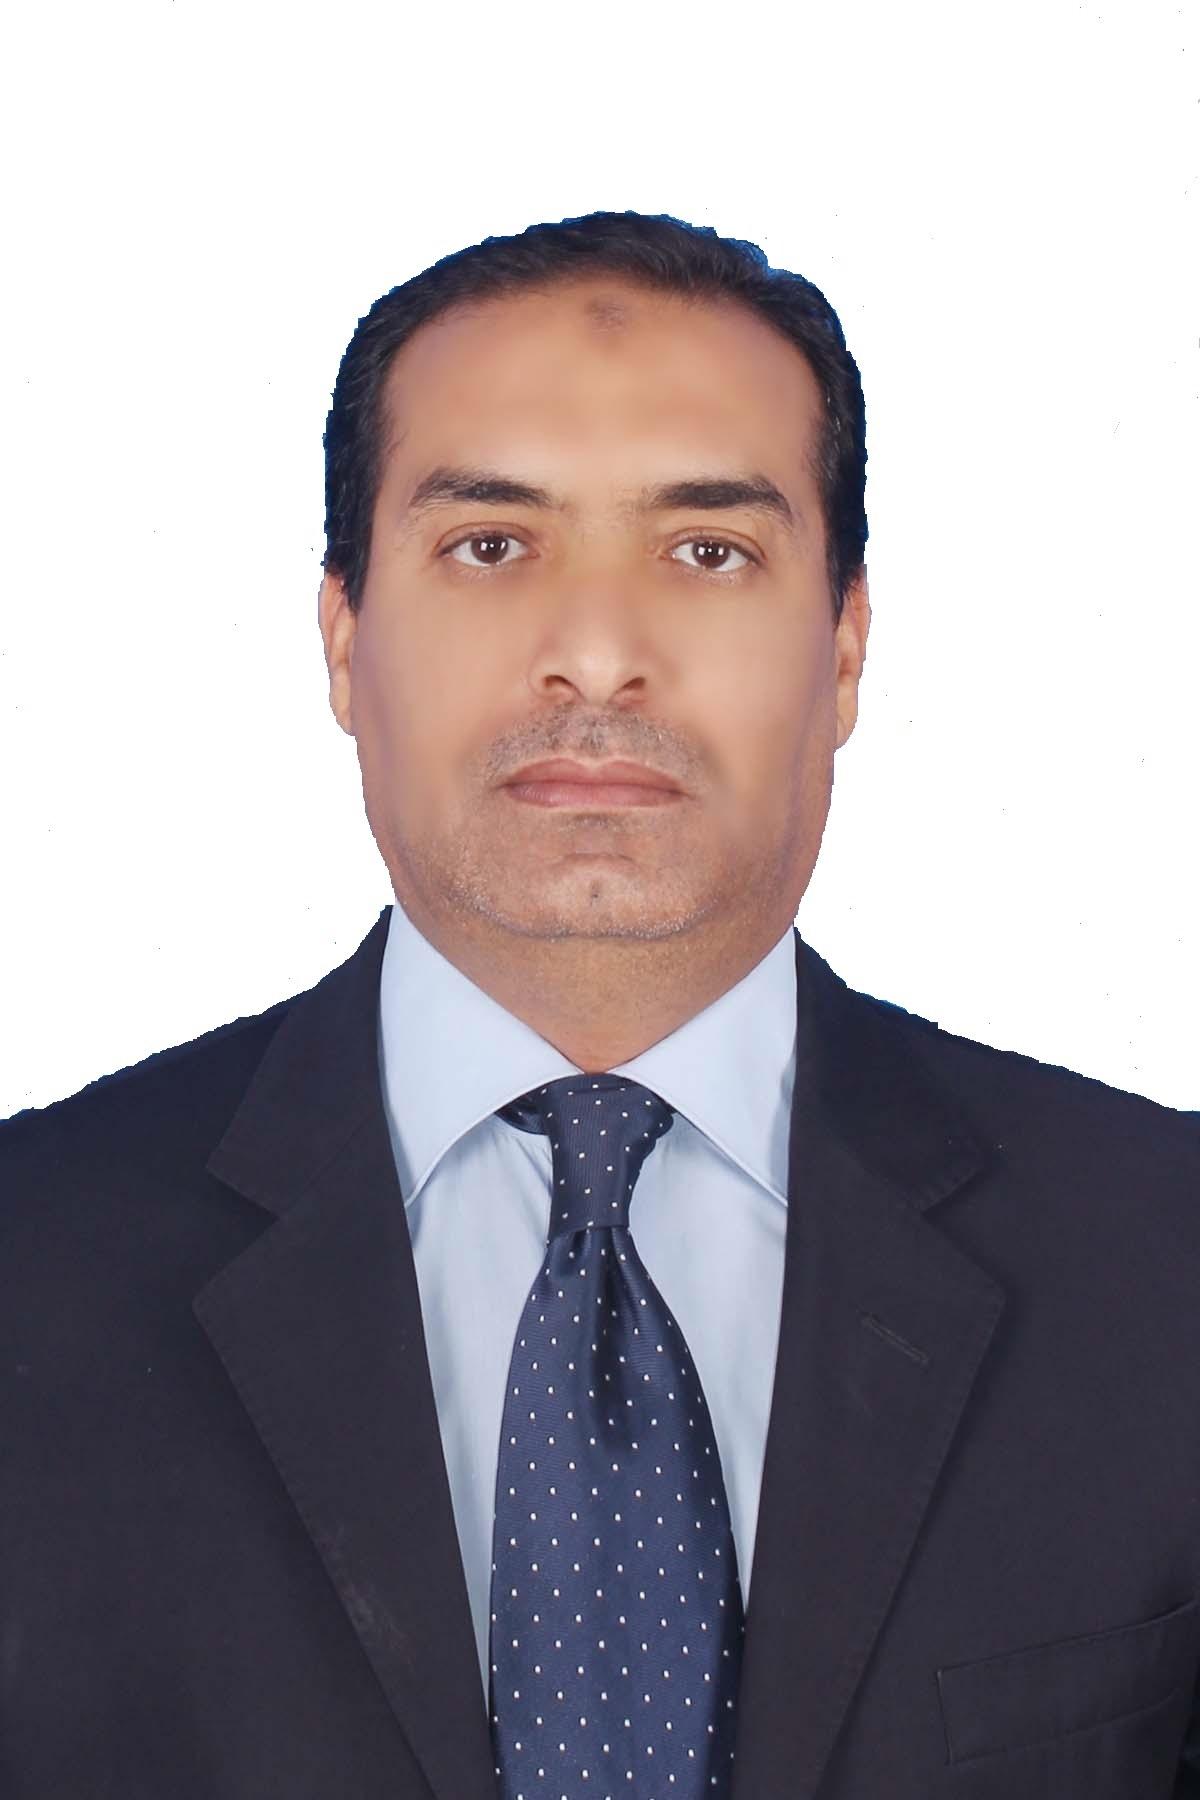 profile-237800 Profile Picture